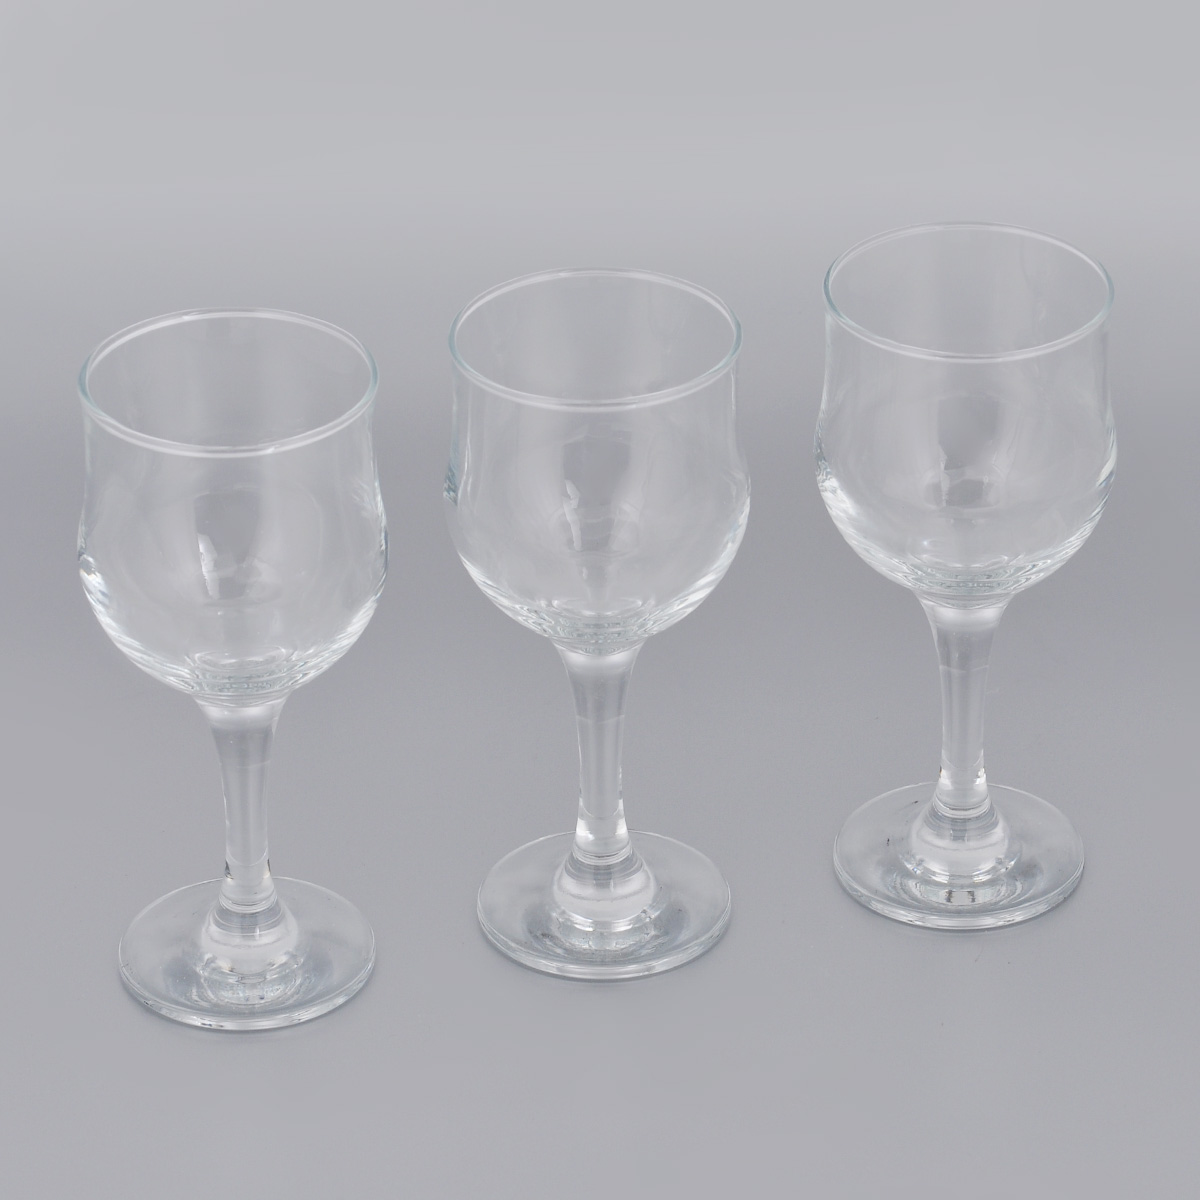 Набор бокалов для красного вина Pasabahce Tulipe, 240 мл, 3 штVT-1520(SR)Набор Pasabahce Tulipe состоит из трех бокалов, выполненных из прочного натрий-кальций-силикатного стекла. Изделия оснащены высокими ножками. Бокалы предназначены для подачи красного вина. Они сочетают в себе элегантный дизайн и функциональность. Благодаря такому набору пить напитки будет еще вкуснее.Набор бокалов Pasabahce Tulipe прекрасно оформит праздничный стол и создаст приятную атмосферу за романтическим ужином. Такой набор также станет хорошим подарком к любому случаю. Можно мыть в посудомоечной машине и использовать в микроволновой печи.Диаметр бокала (по верхнему краю): 6 см. Высота бокала: 16,5 см.